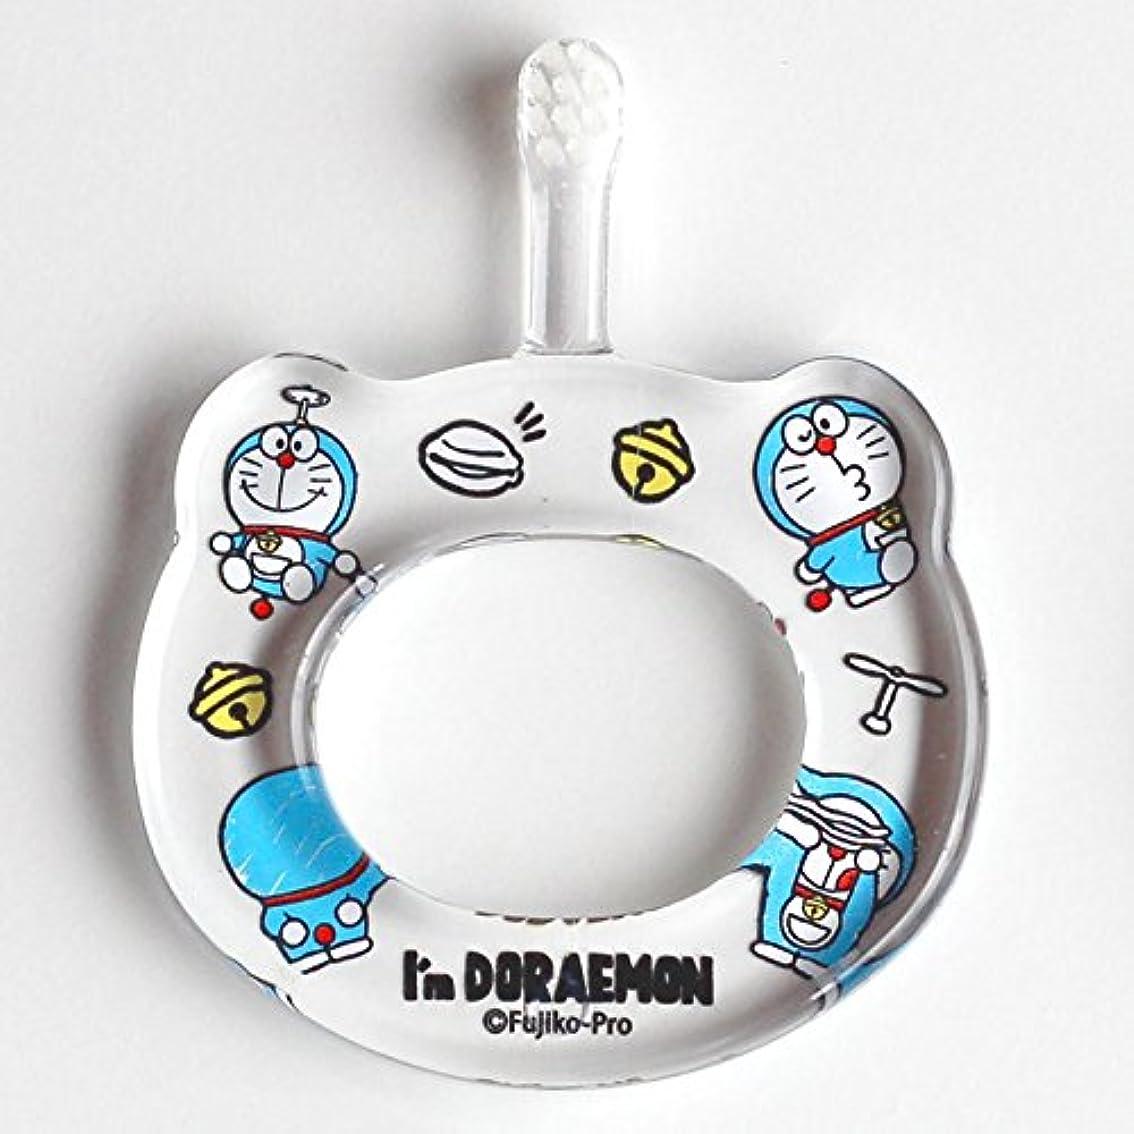 知らせる最も早い納税者HAMICO ベビー歯ブラシ(キャラクター限定商品) ワンサイズ ドラえもん